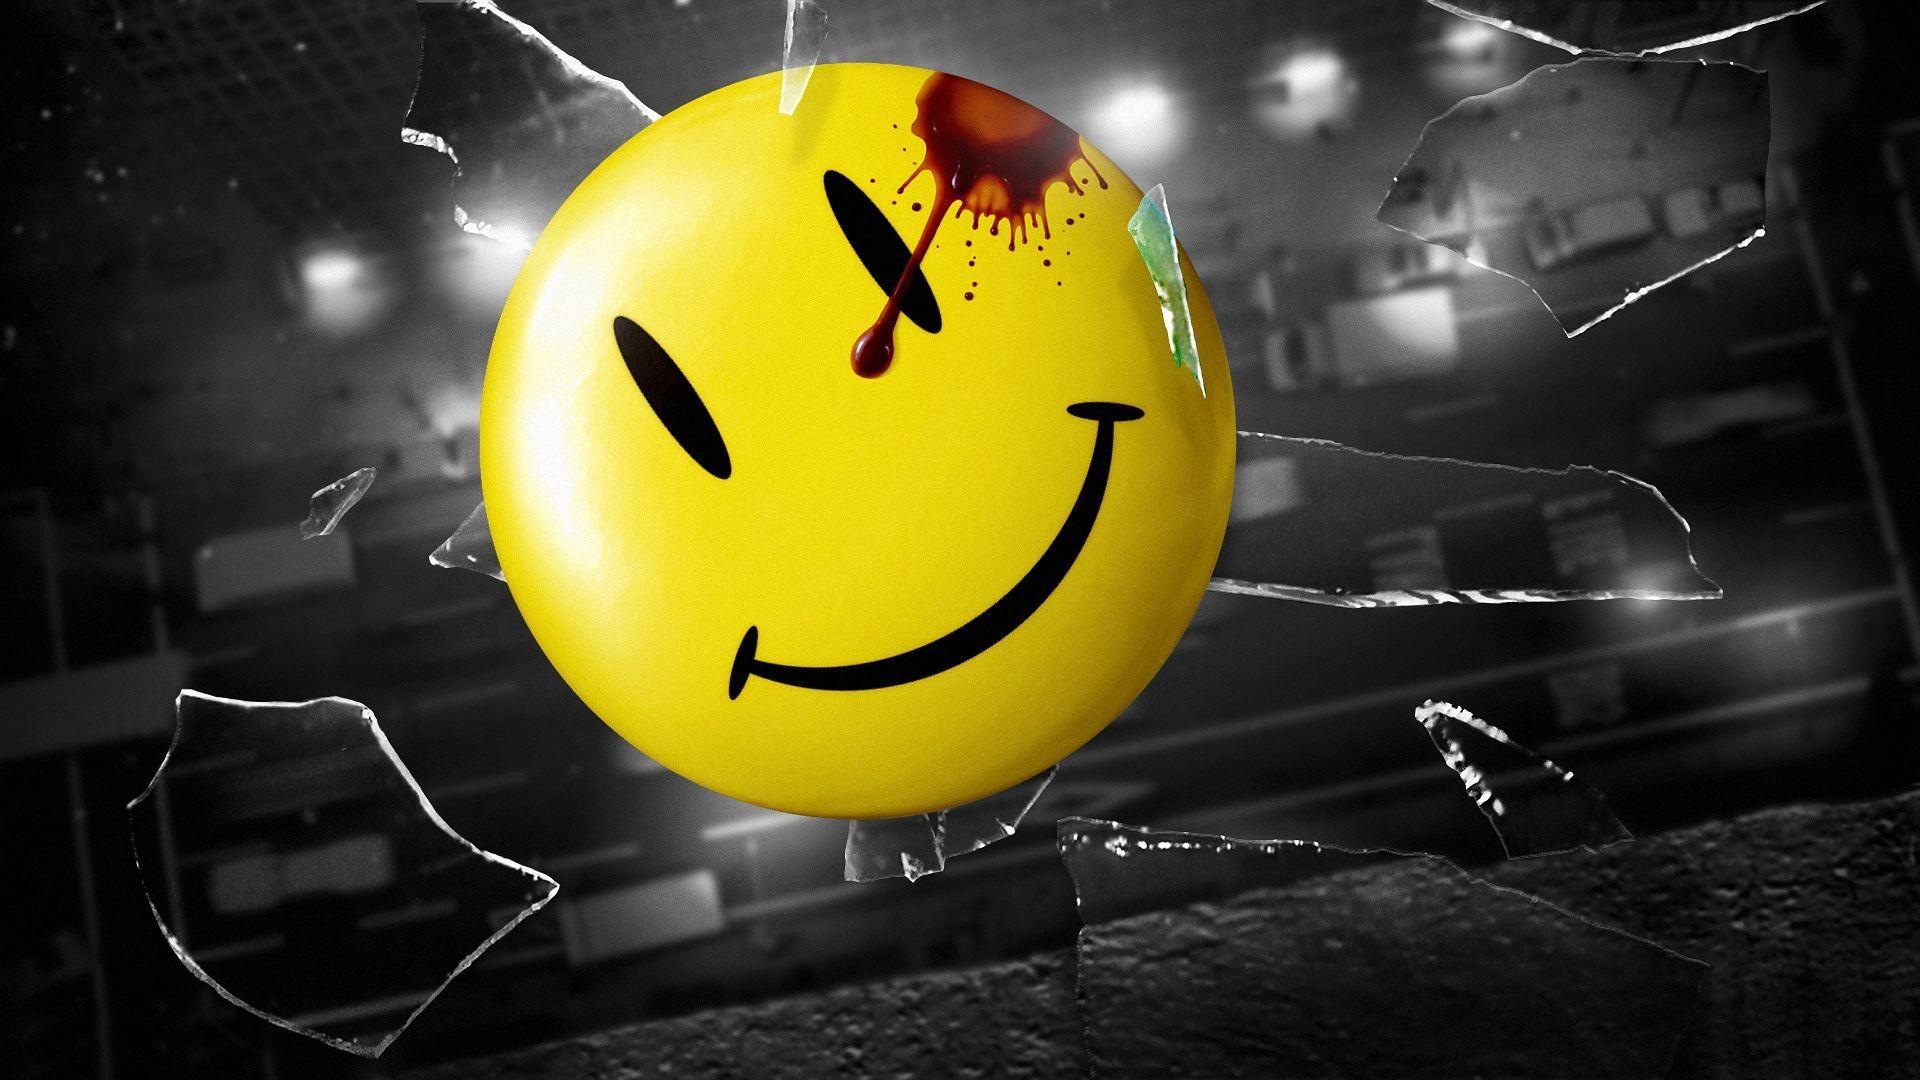 Watchmen Smiley Fond D Ecran 4k Fond D Ecran Smiley Hd 1920x1080 Wallpapertip